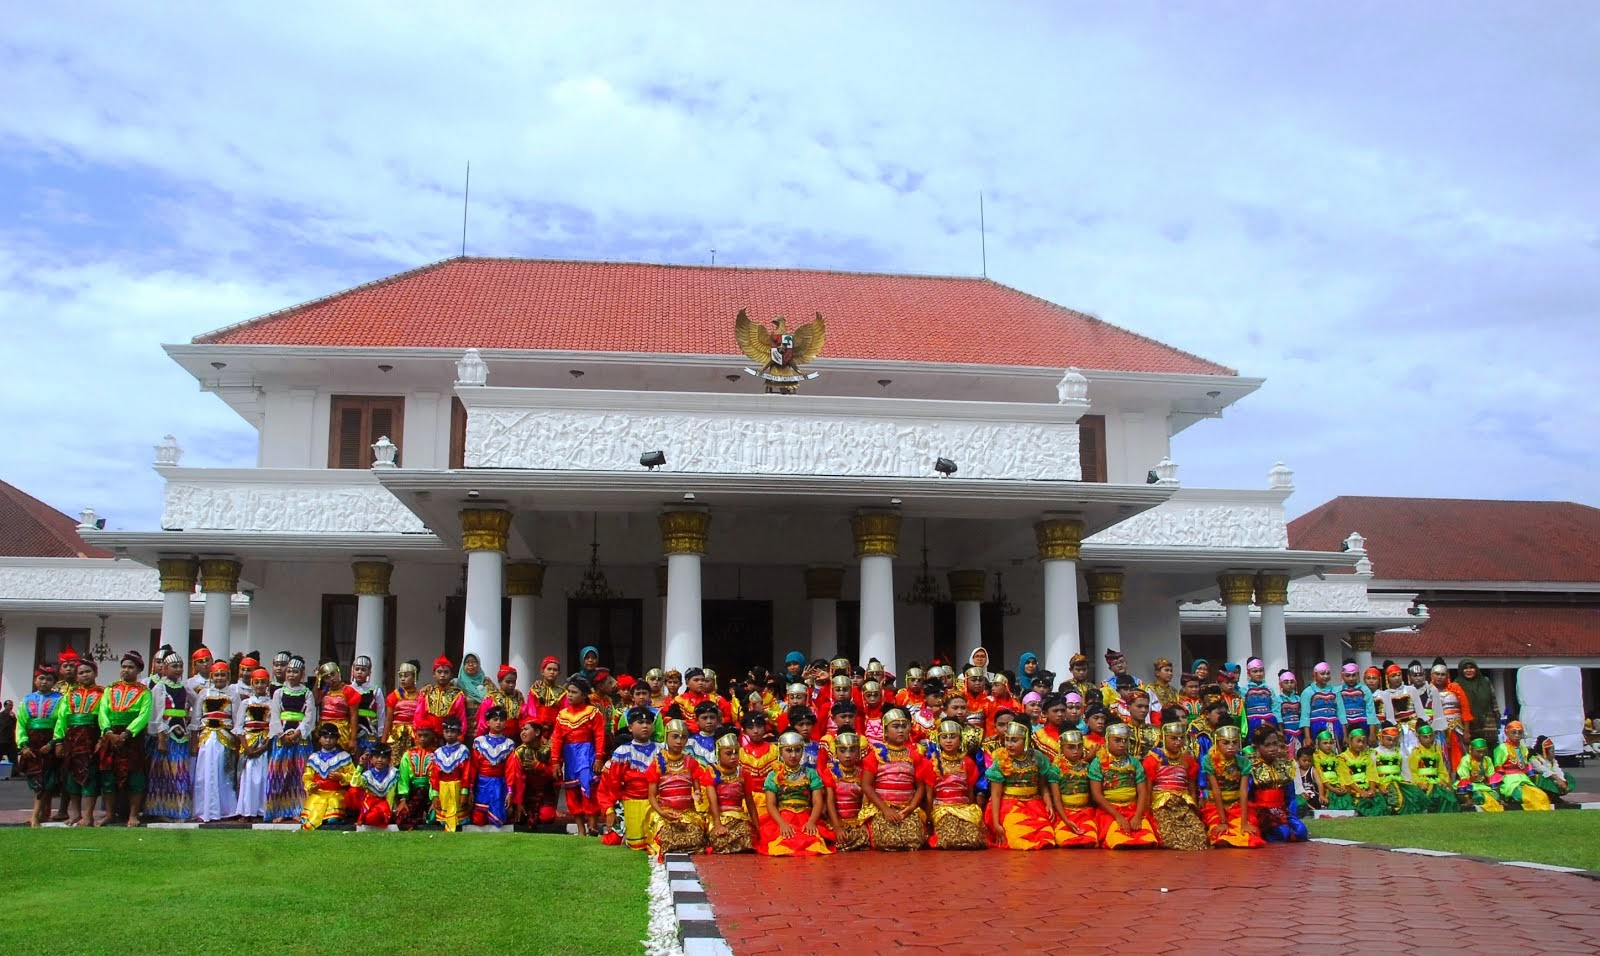 Parade Senja di Gedung Grahadi 2015, Surabaya JATIM.